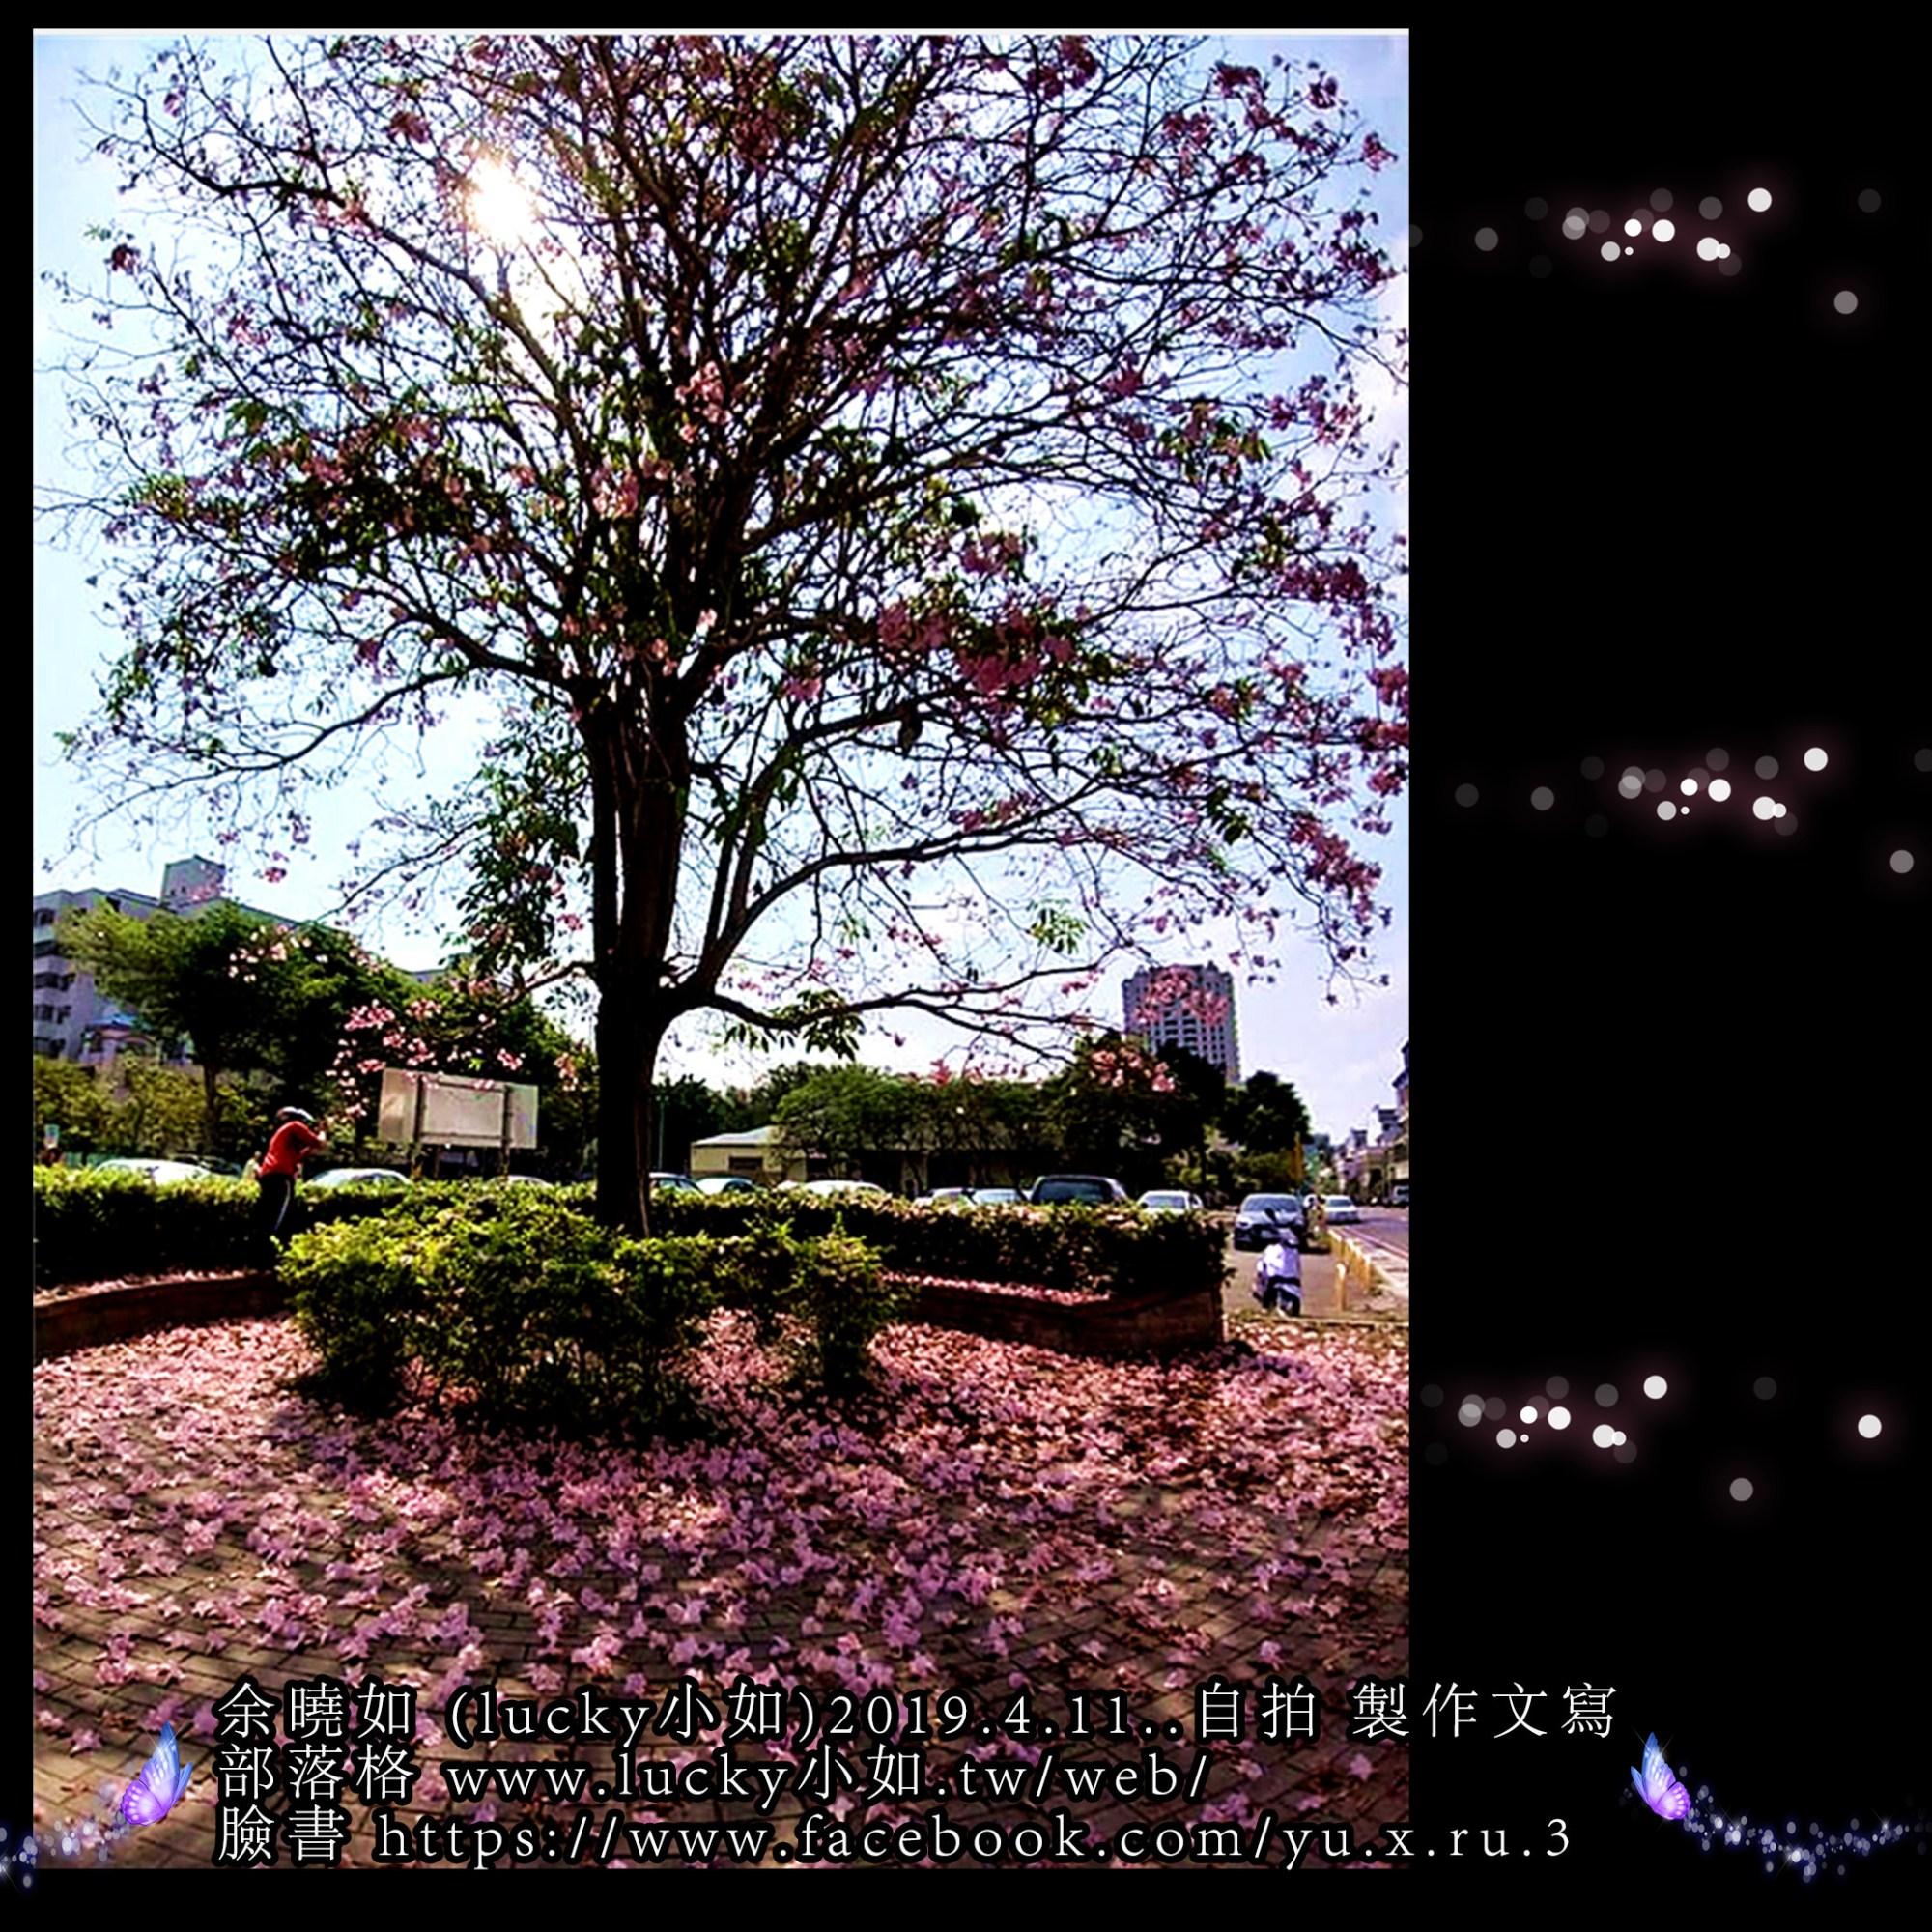 好美的樹花景色喔! 好像書裡說的 【最美的人間 四月天】